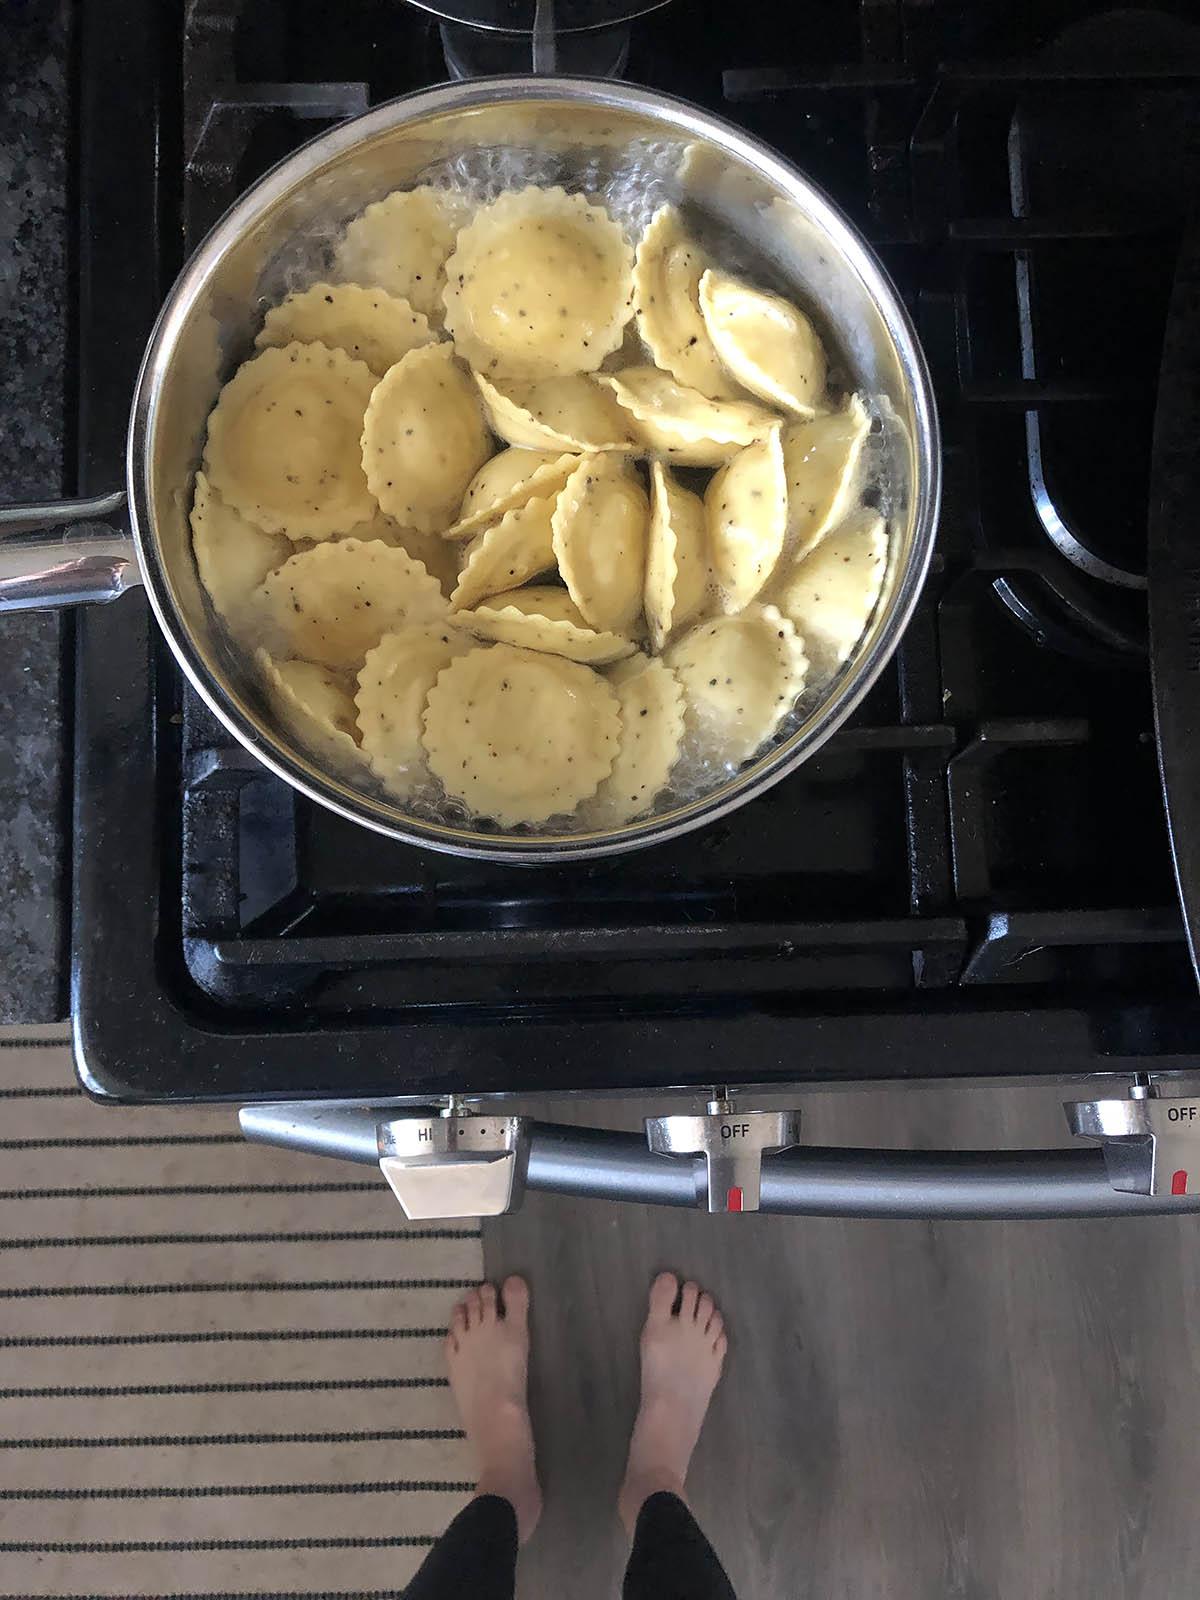 cooking trader joes cacio e pepe in a pot